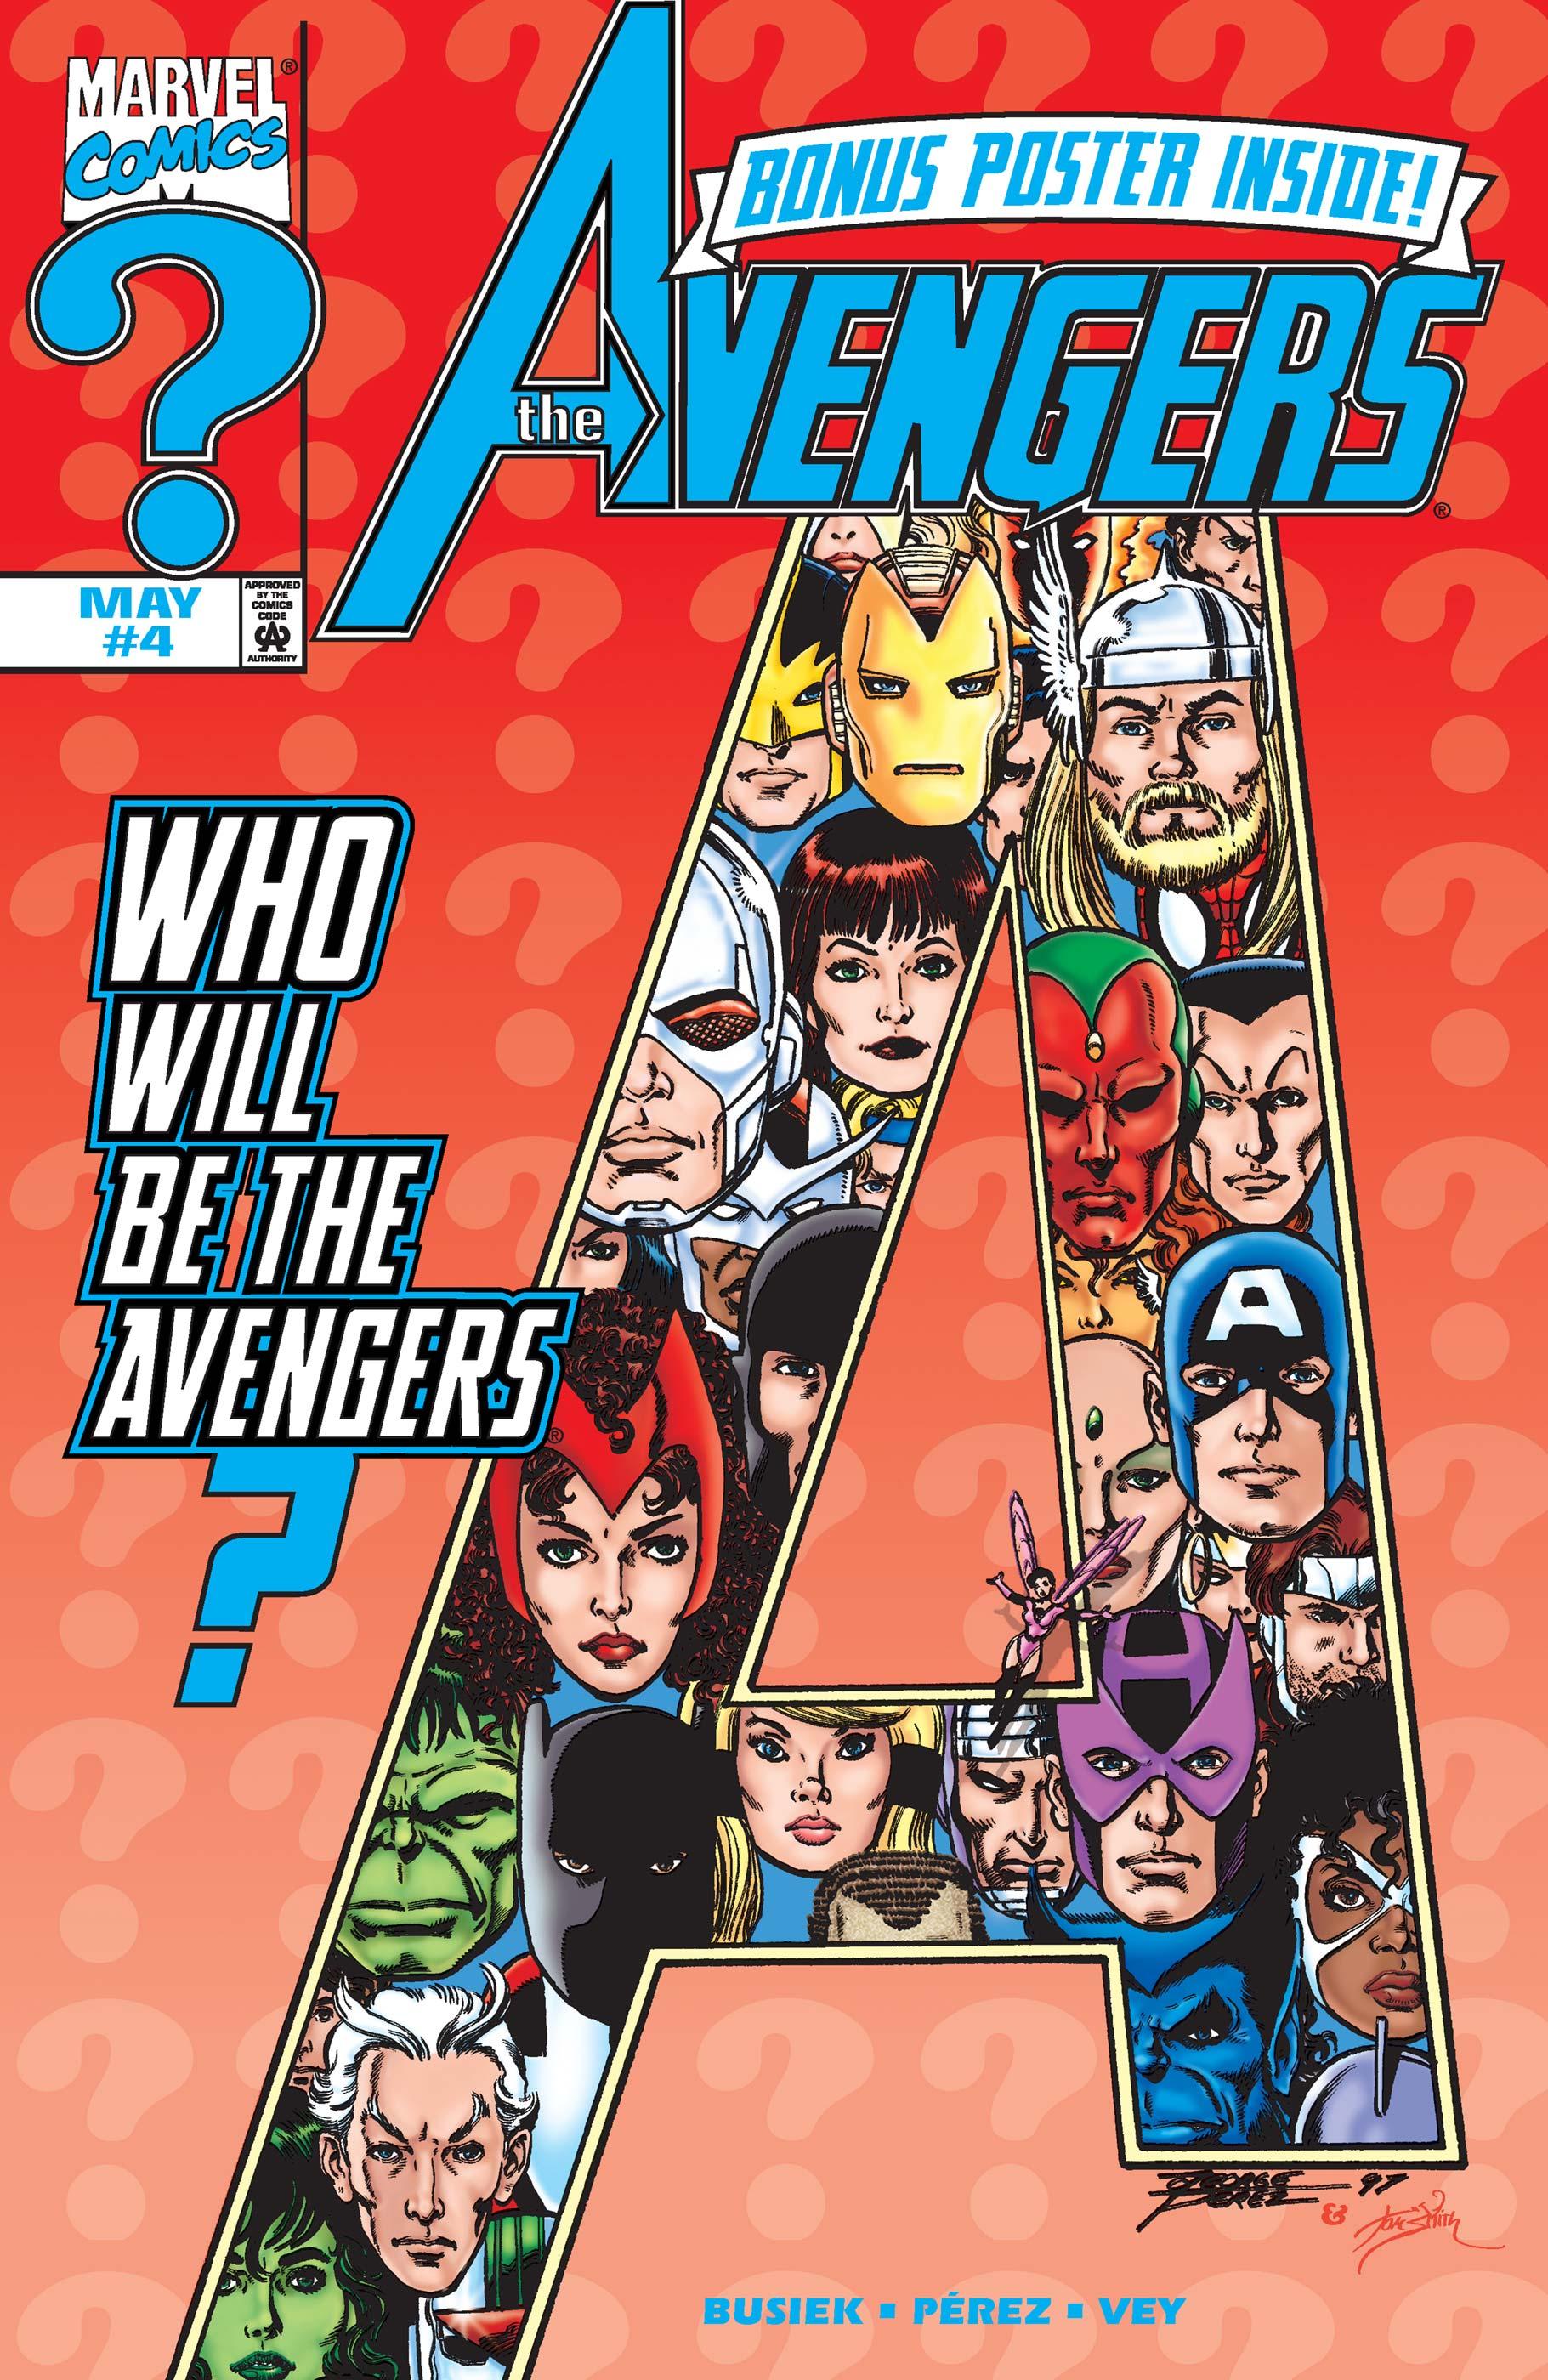 Avengers (1998) #4